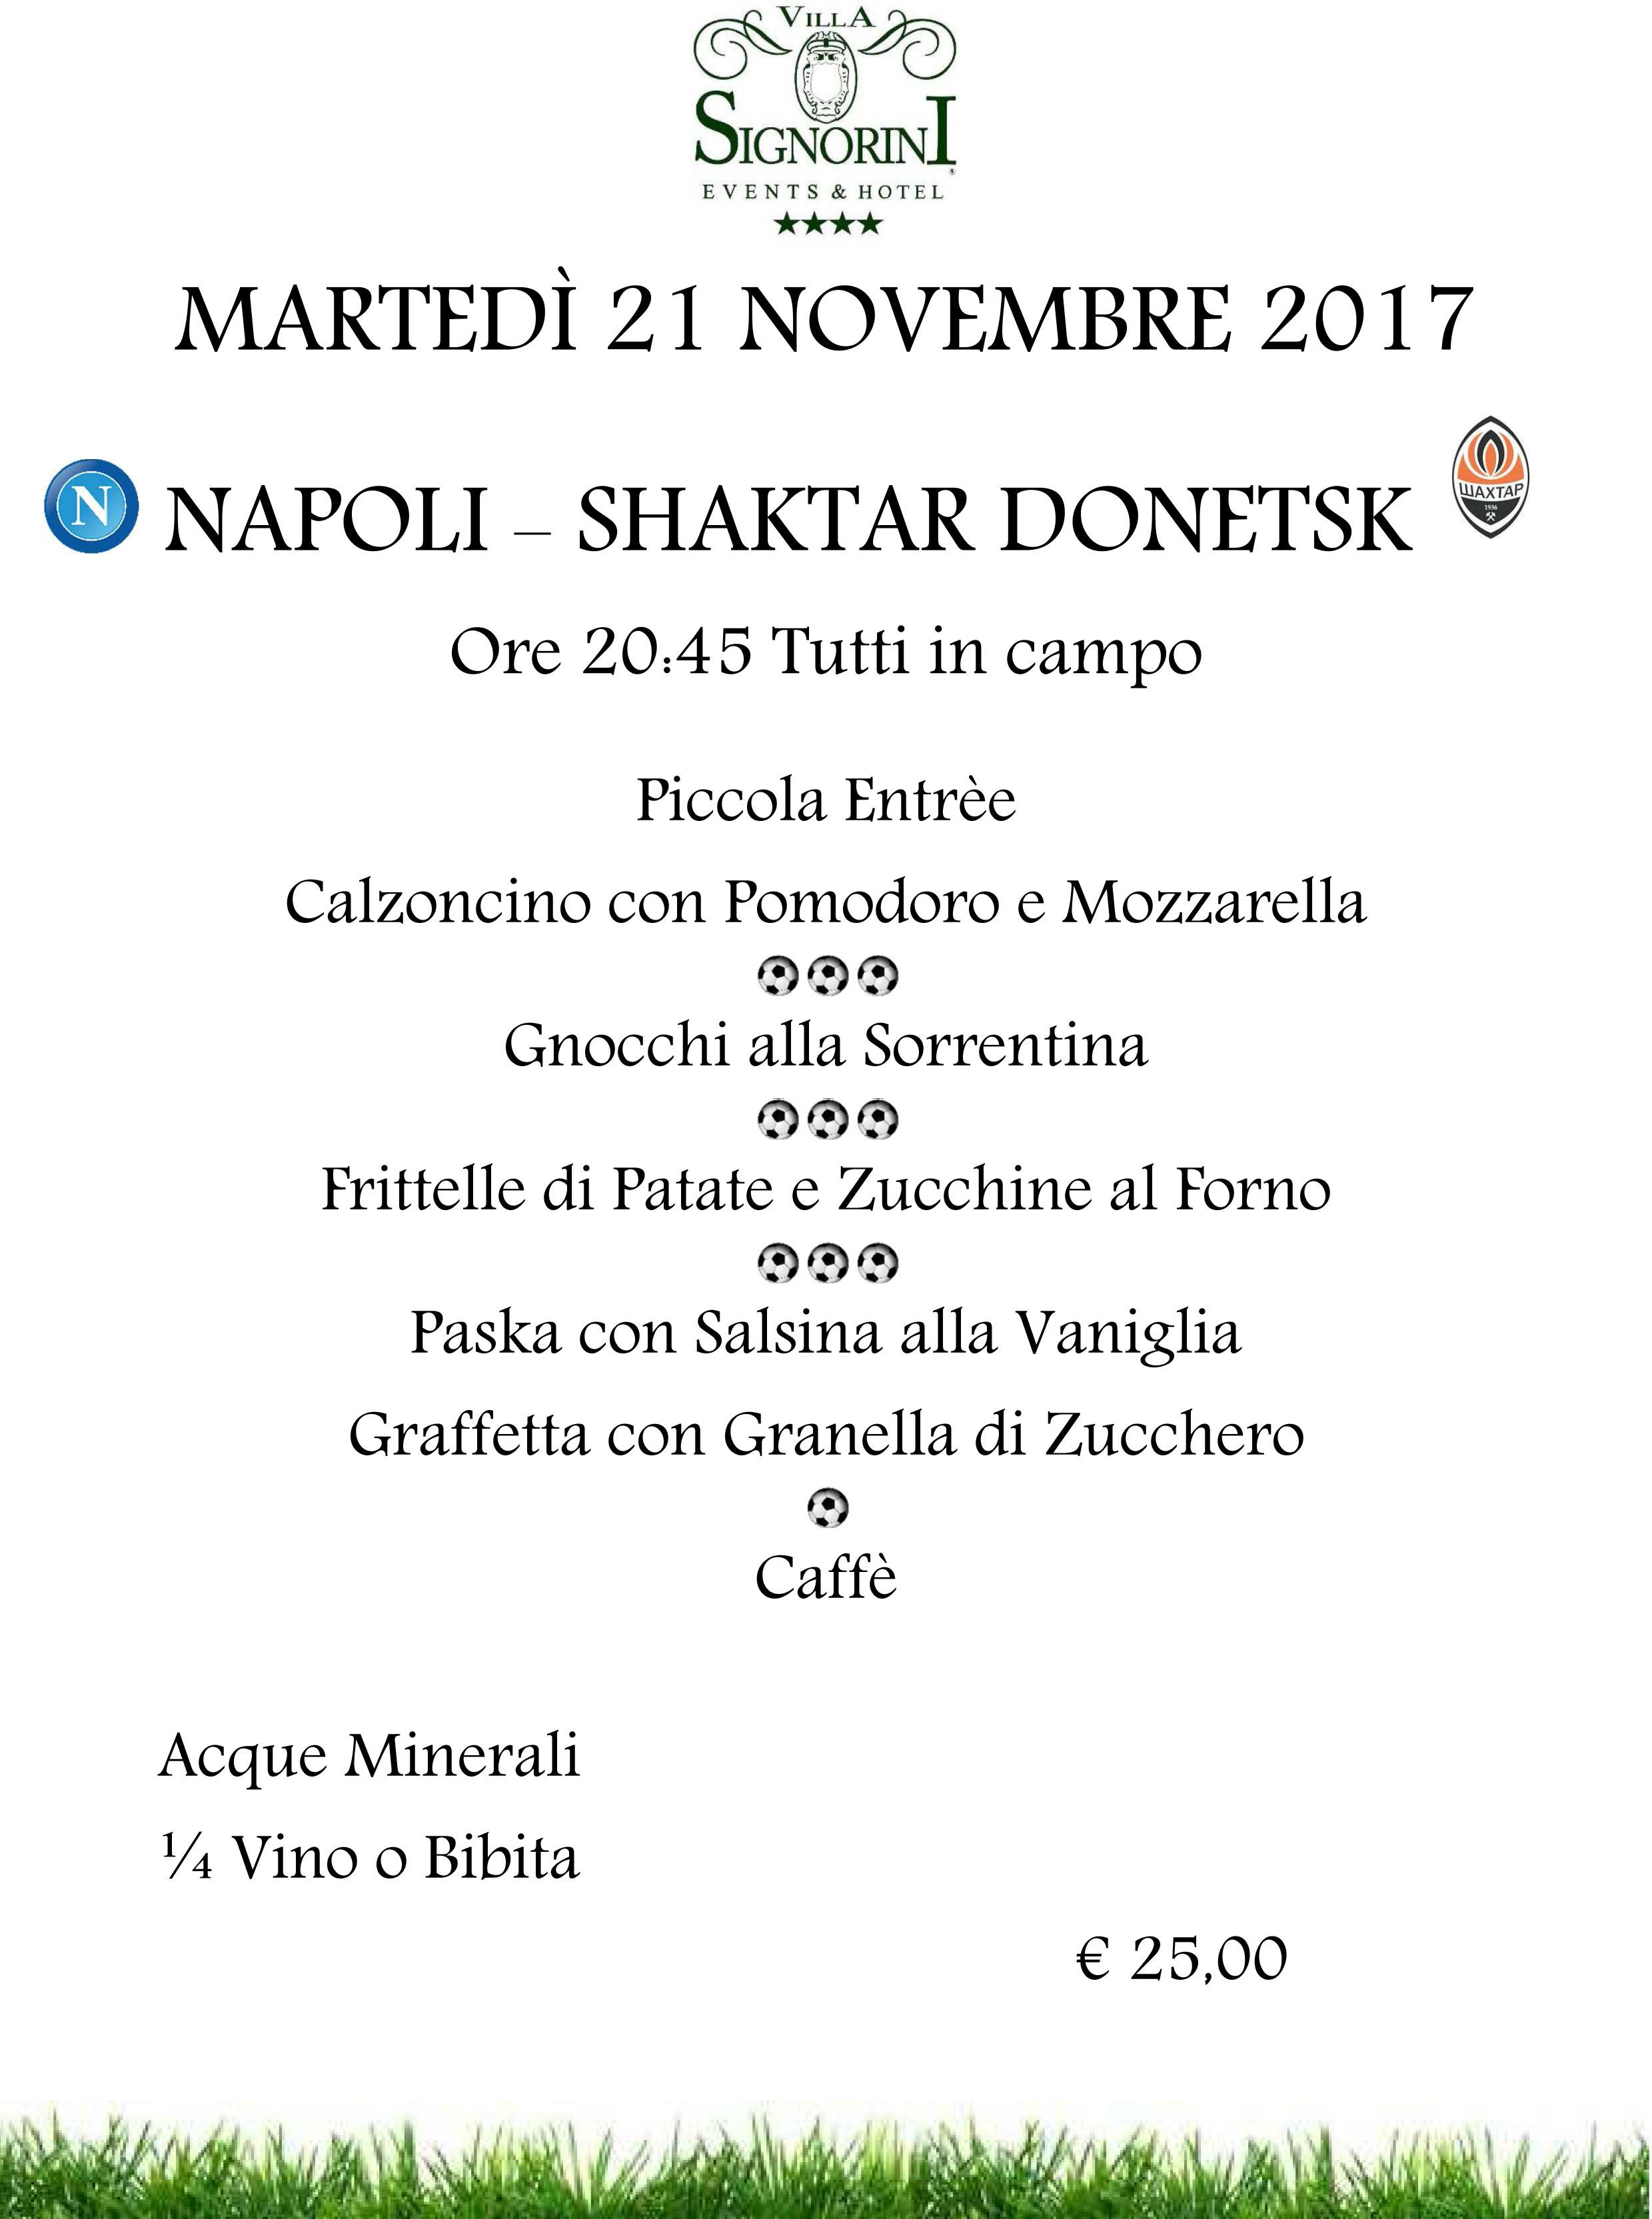 11.21.2017 NAPOLI - SHAKTAR DONETSK